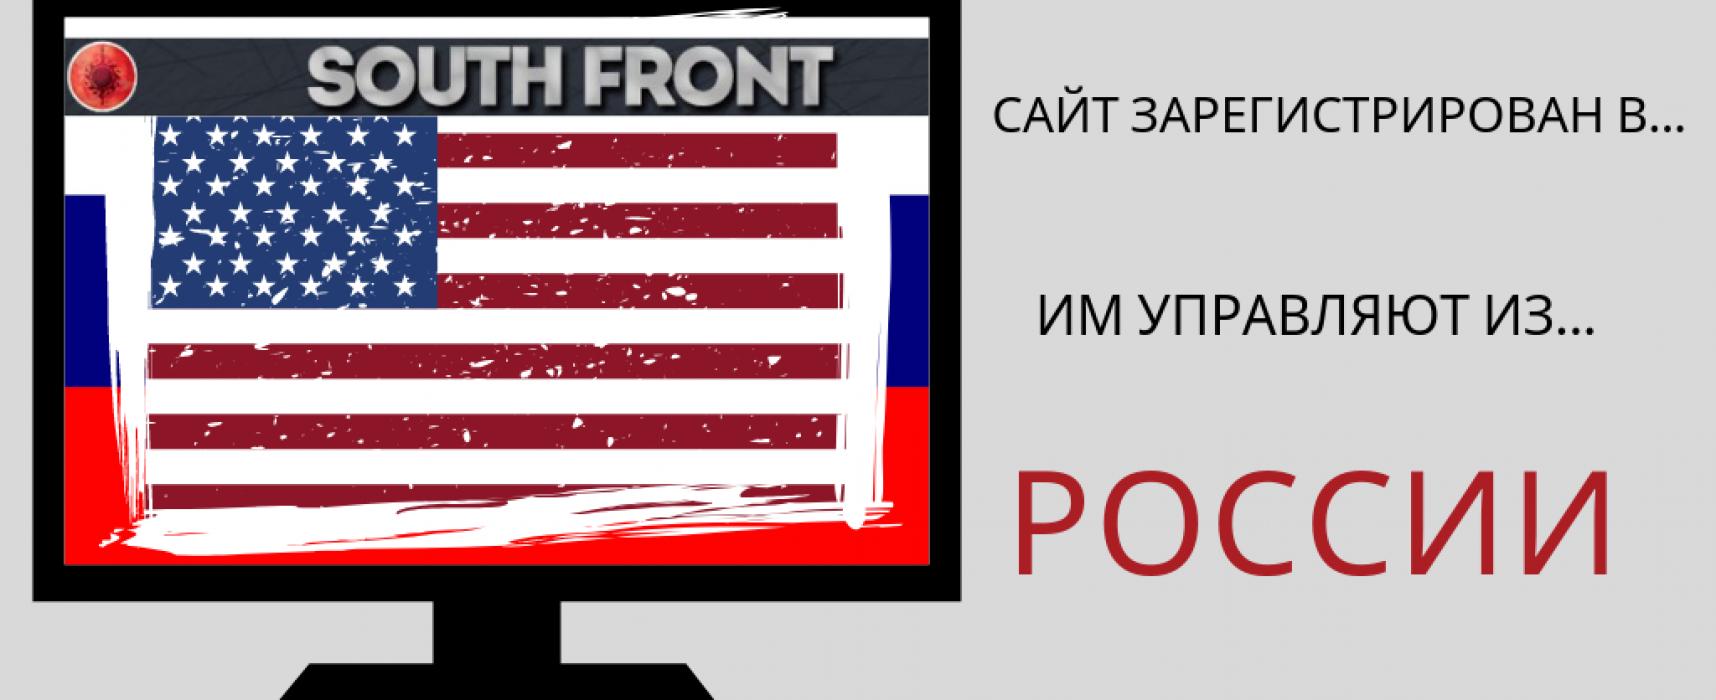 South Front скрывает свое российское происхождение